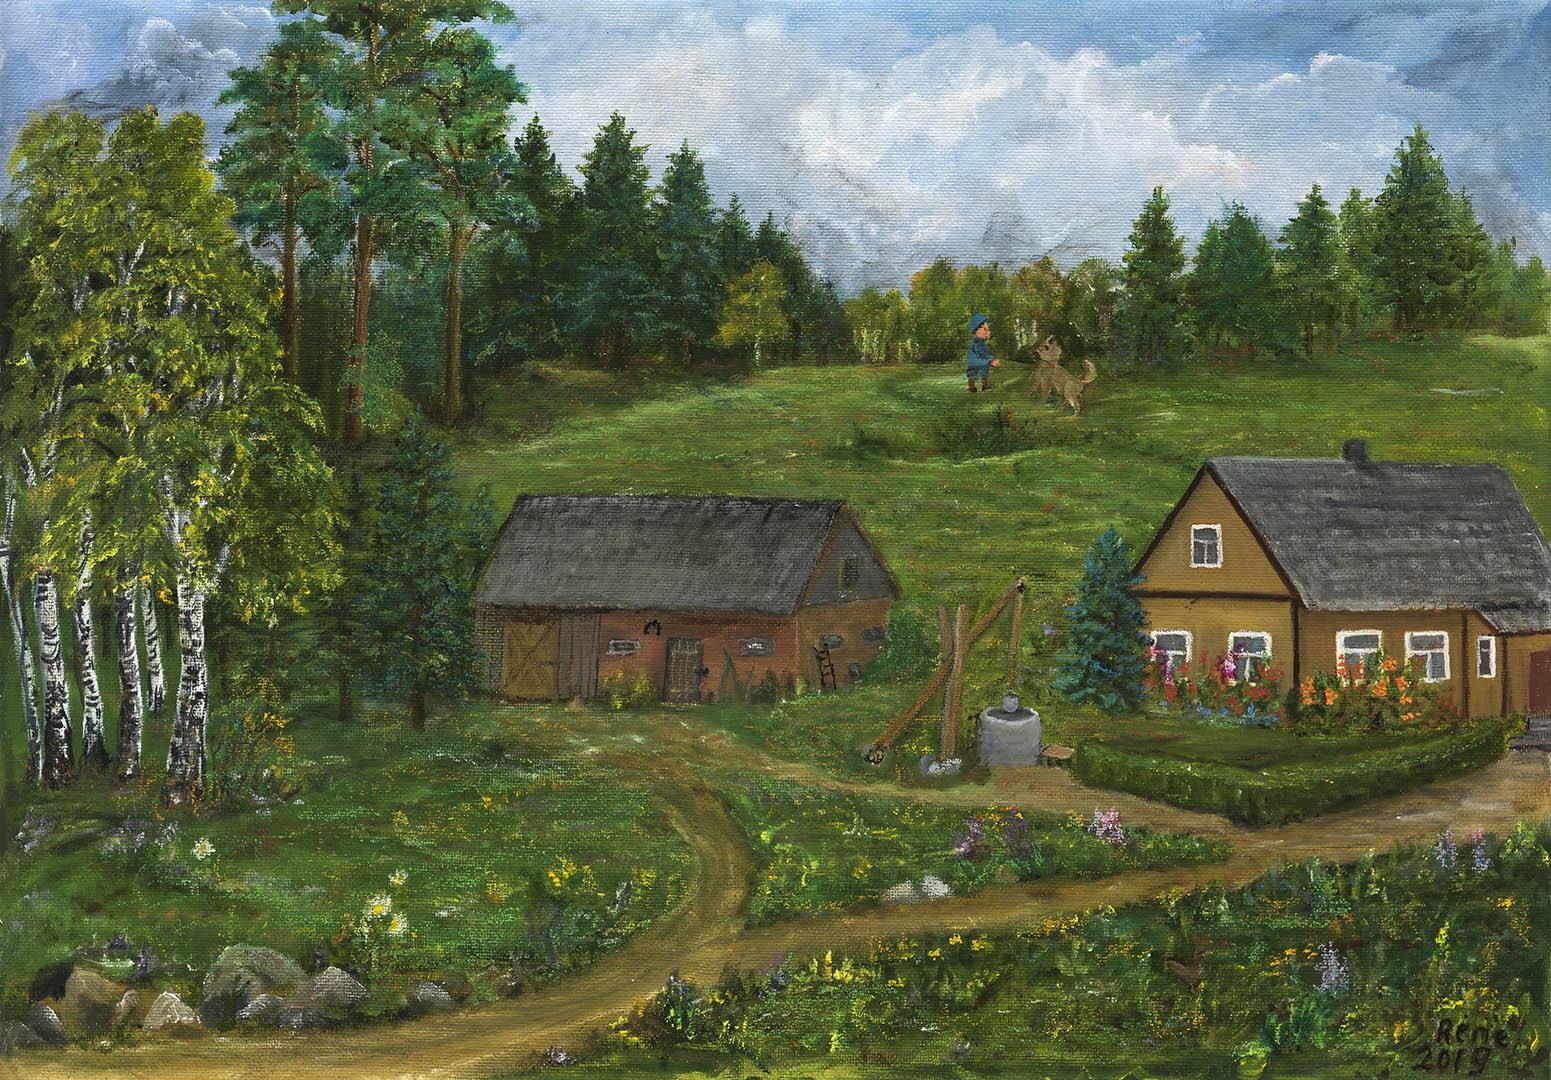 """Renė Bičiūnaitė-Sriubiškienė. """"Būk geras, einam namo, nes nuo mamos gausime pipirų"""", 2019 m. Drobė, aliejus; 59,5 x 84,5 cm"""